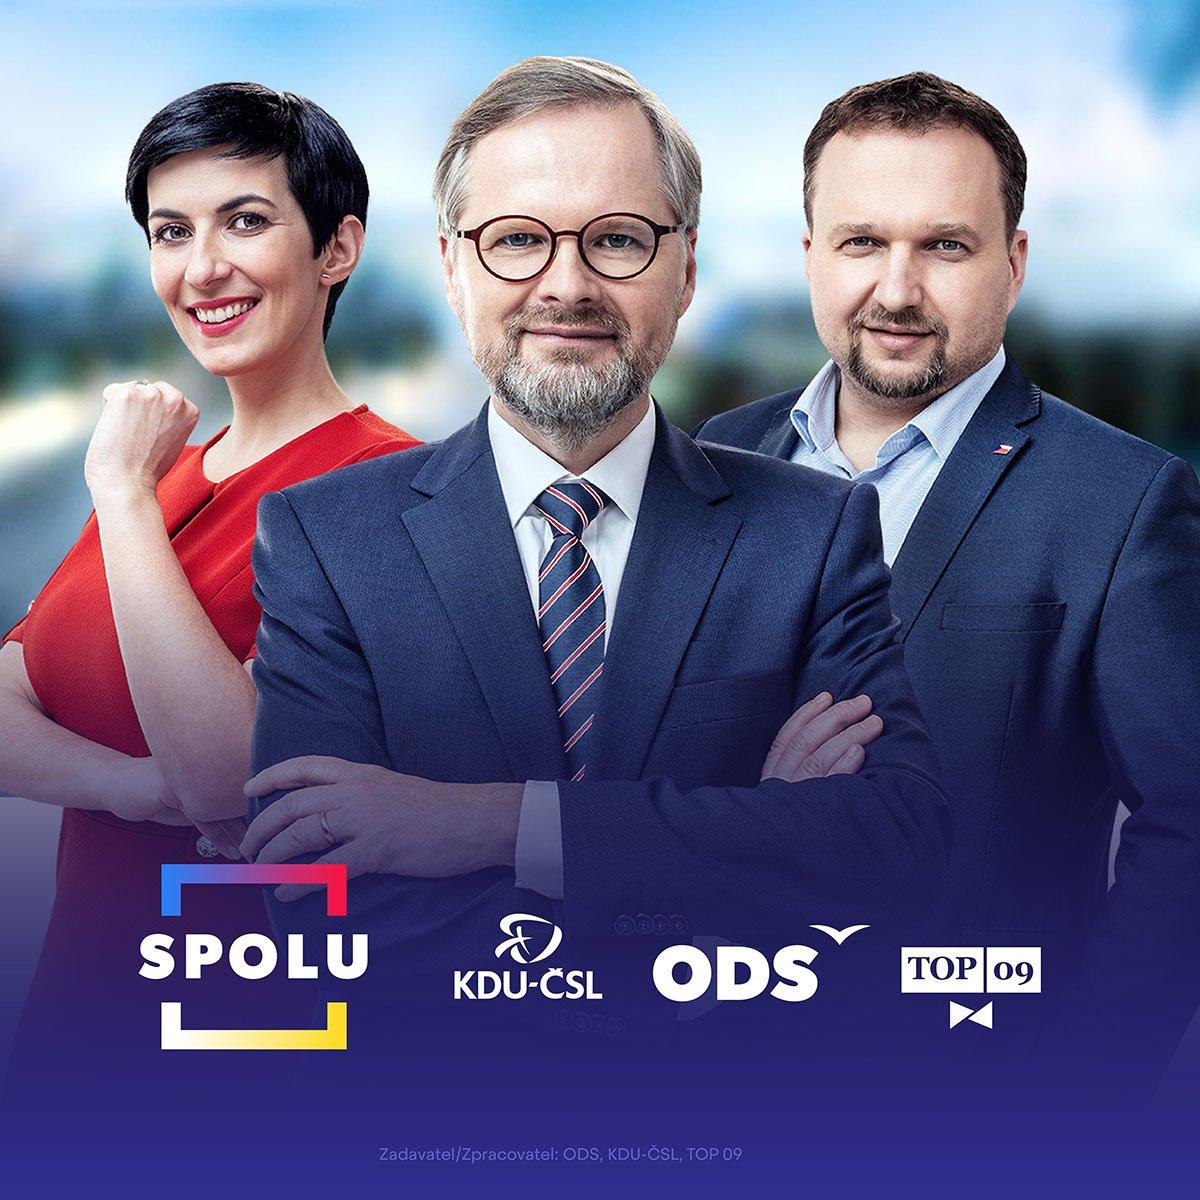 SPOLU dáme Česko dohromady. Lídři koalice SPOLU podepsali koaliční smlouvu – ODS – Občanská demokratická strana